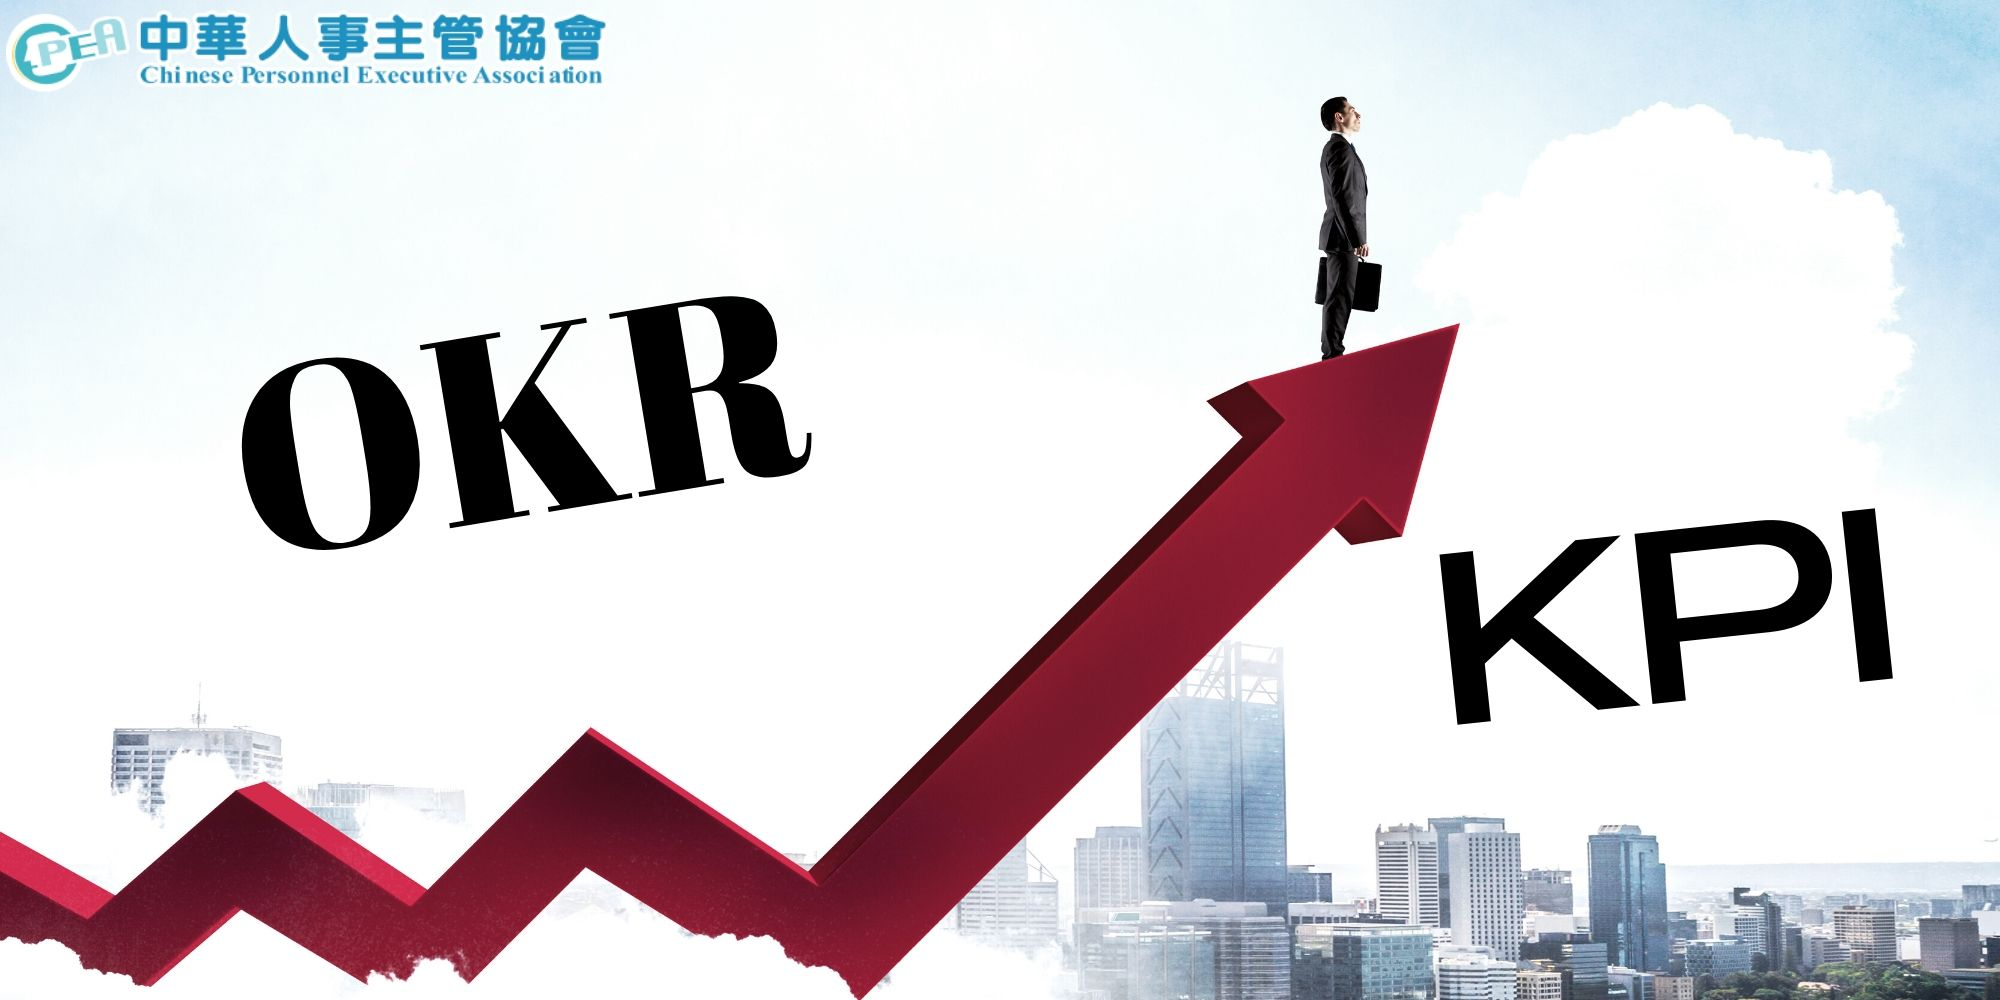 從新冠肺炎-談OKR的精神:動態式、符合現況的務實調整 中華人事主管協會-HR